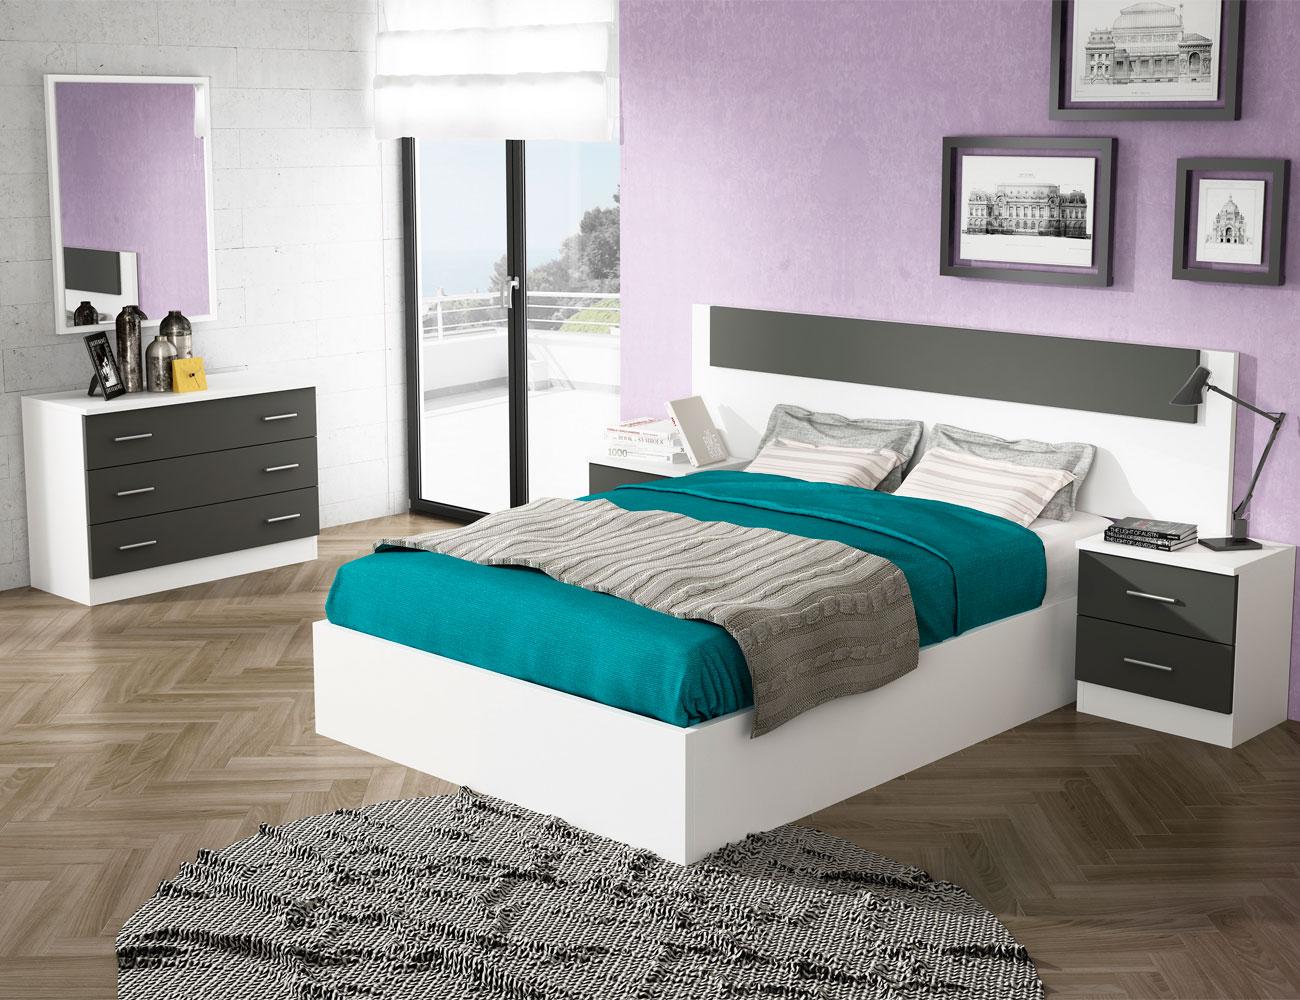 Dormitorio matrimonio estilo moderno pu deva blanco grafito